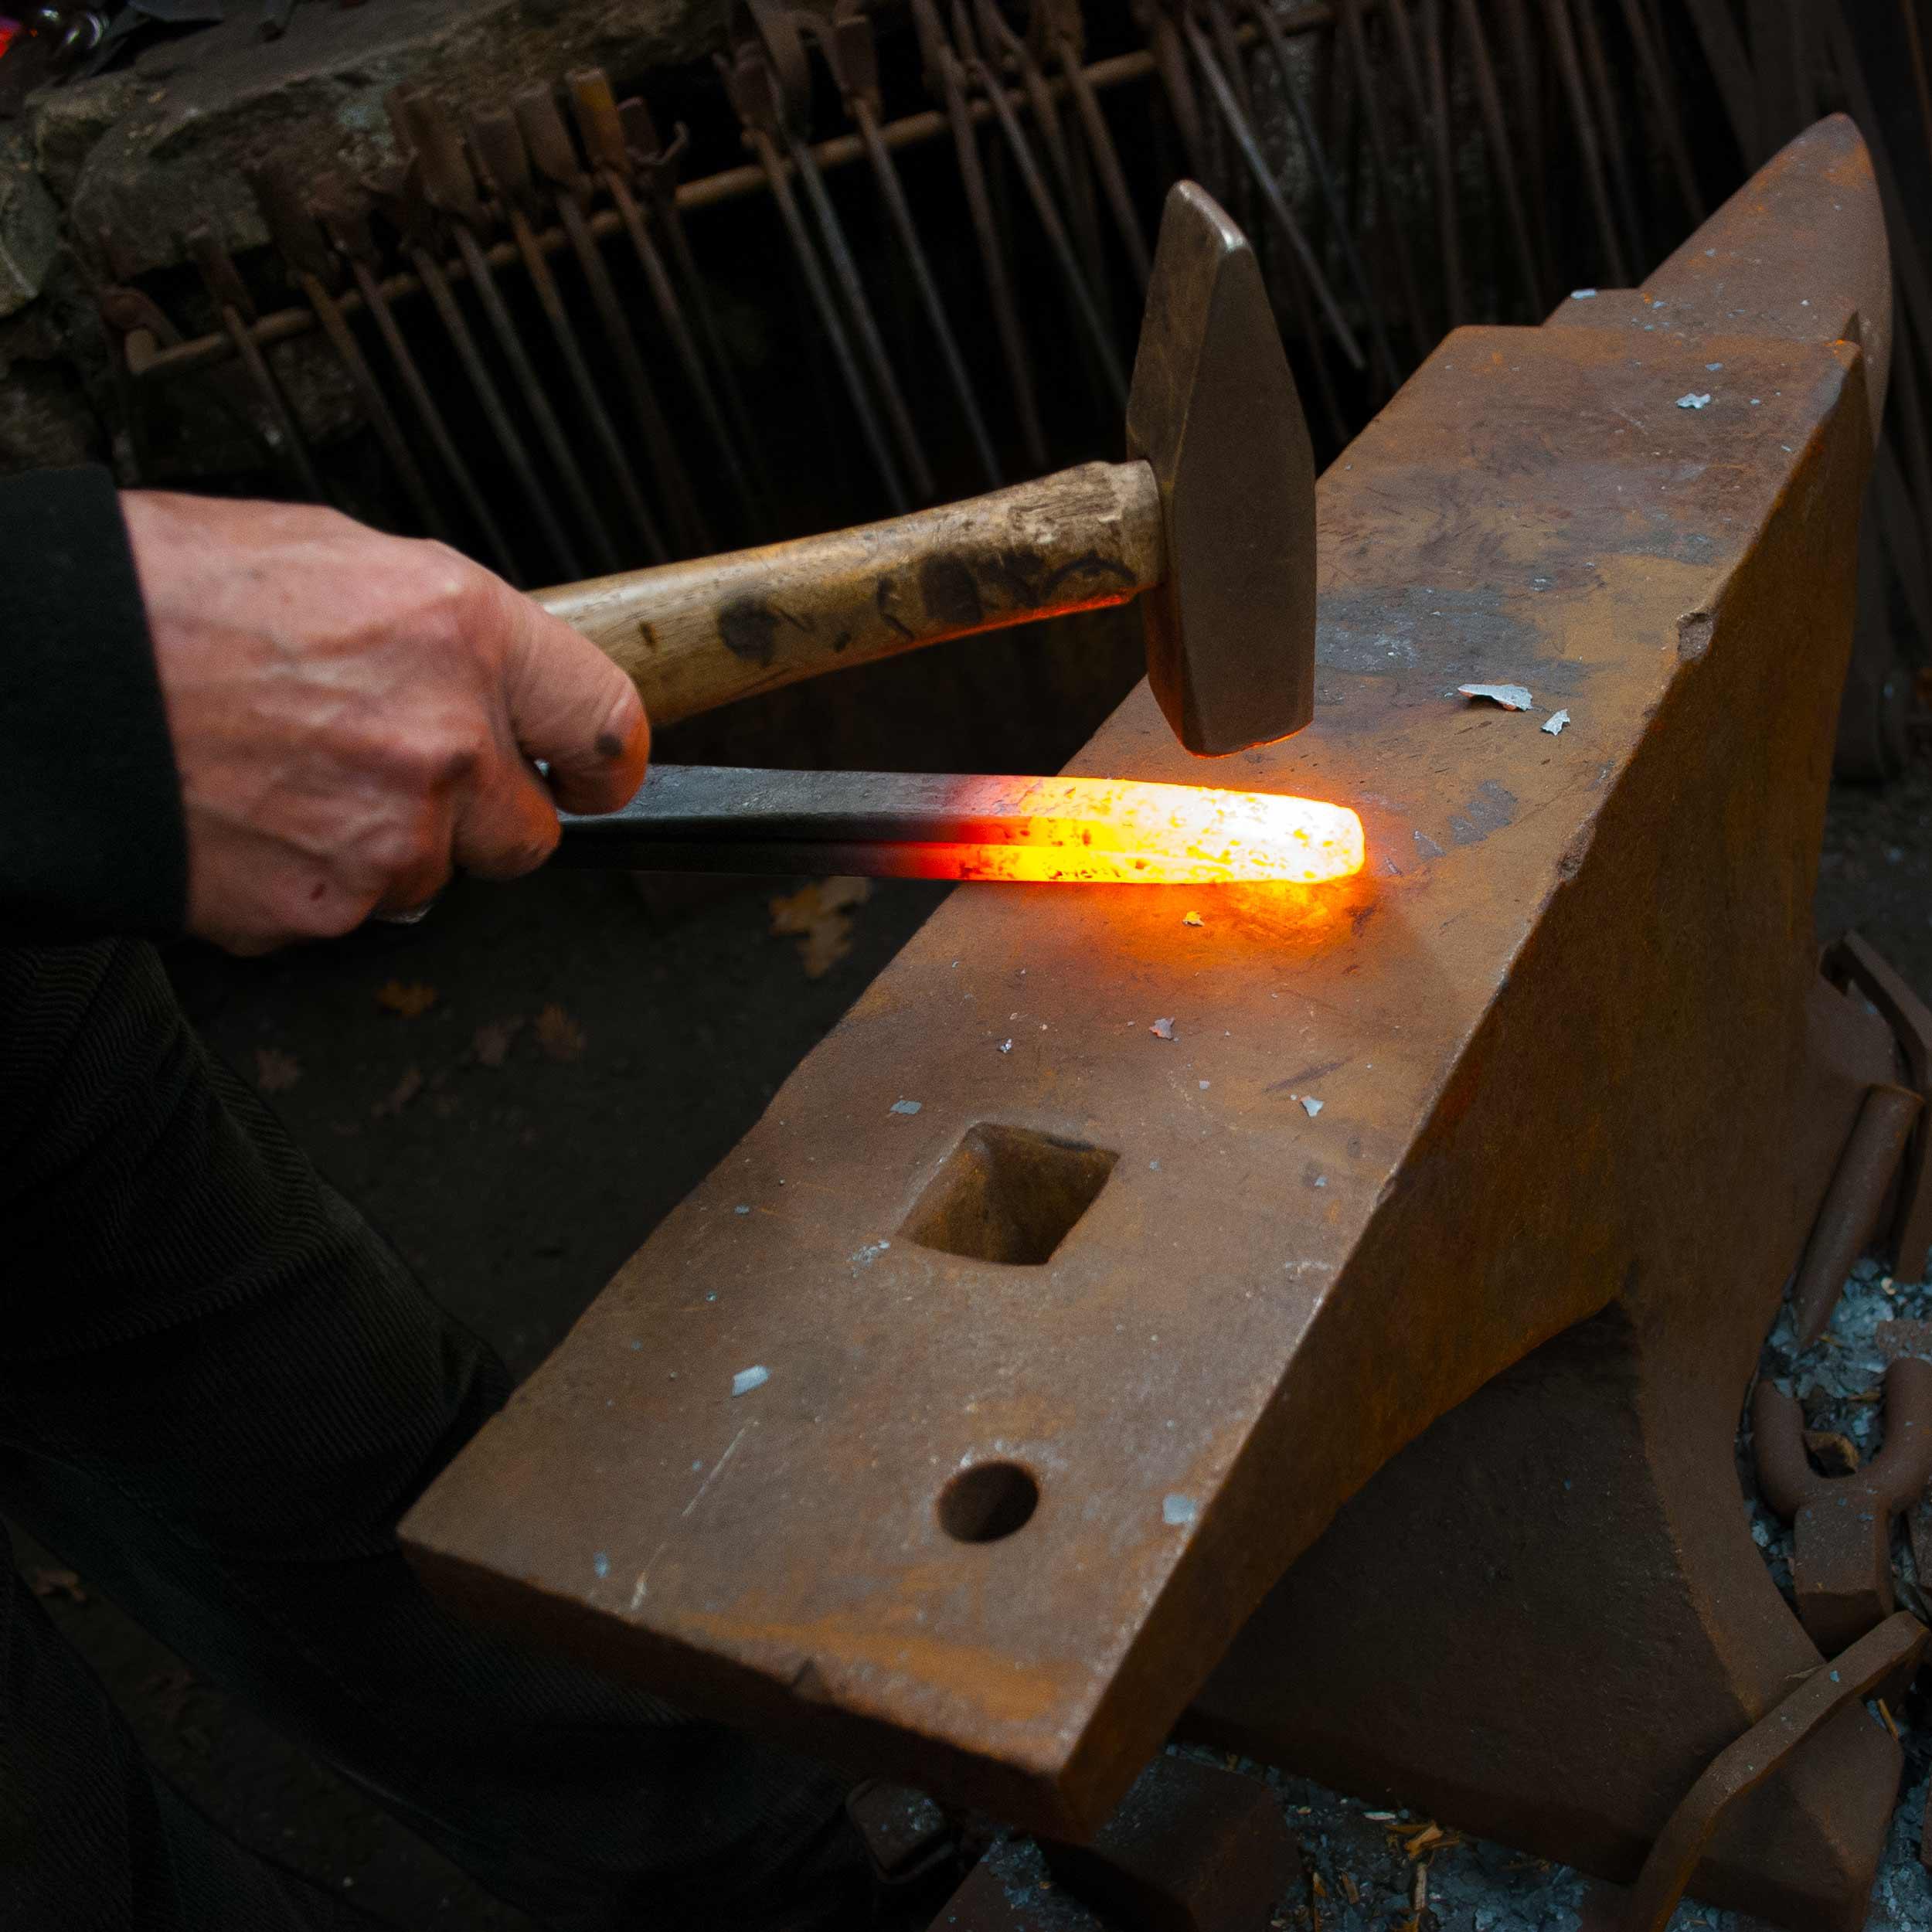 scrolls-fire-weld_6492.jpg